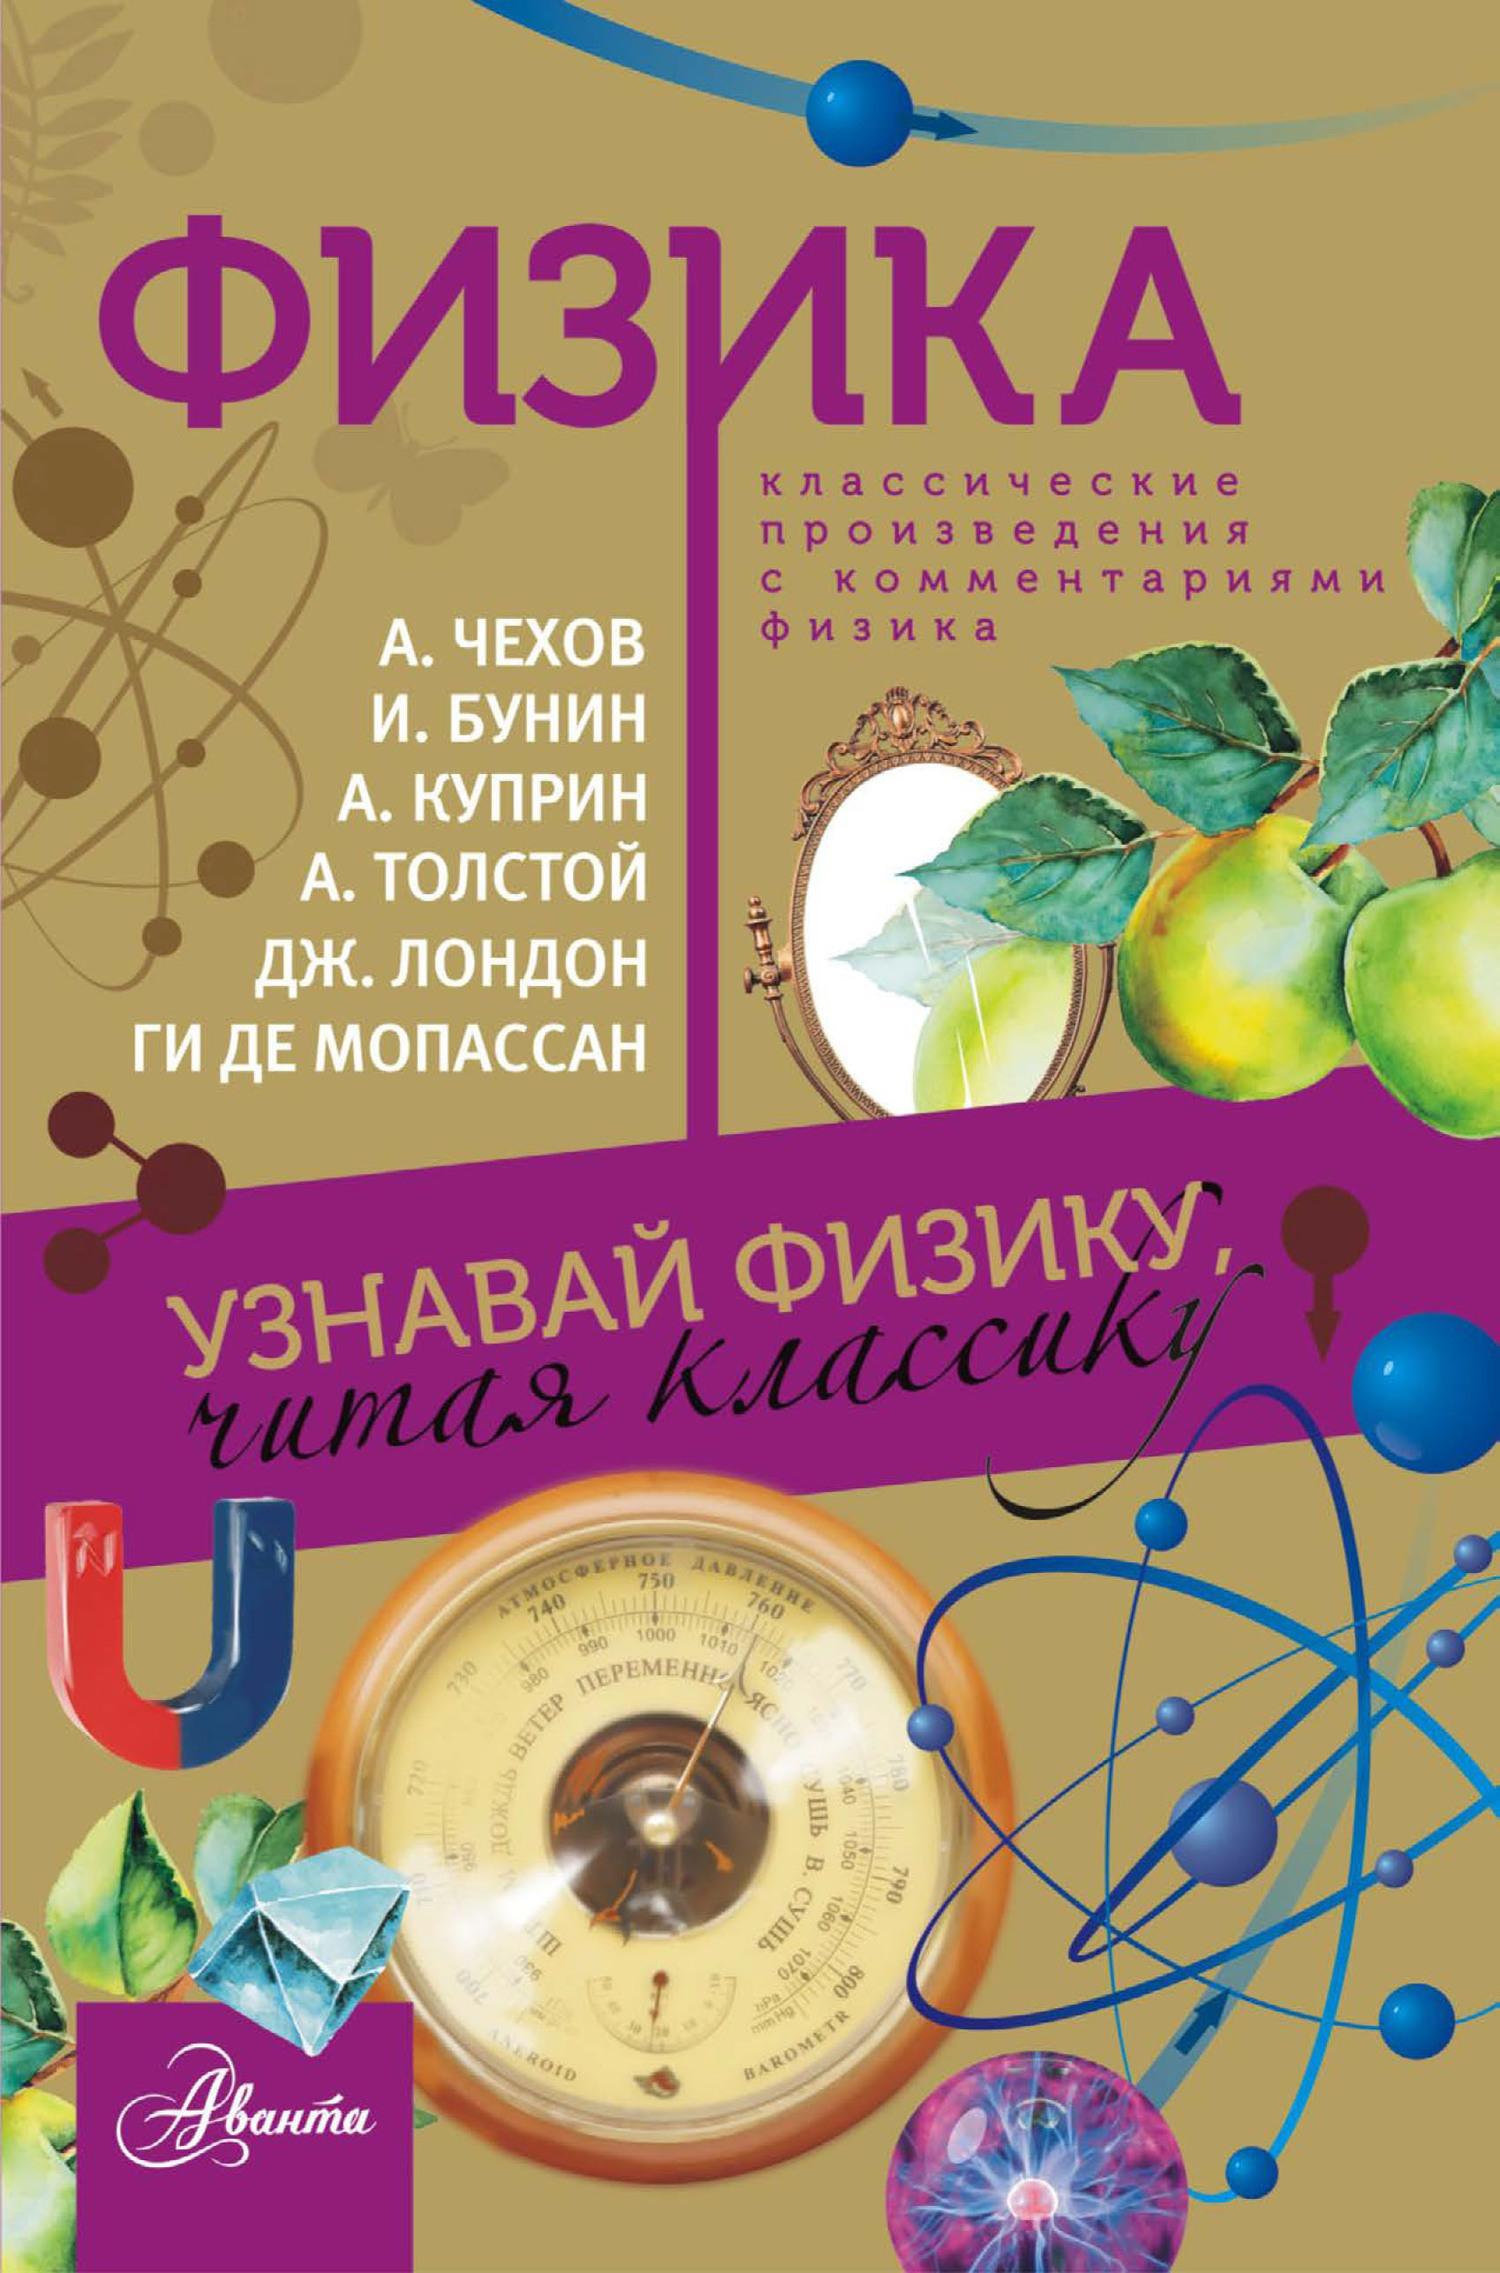 Сборник Физика. Классические произведения с комментариями физика физика